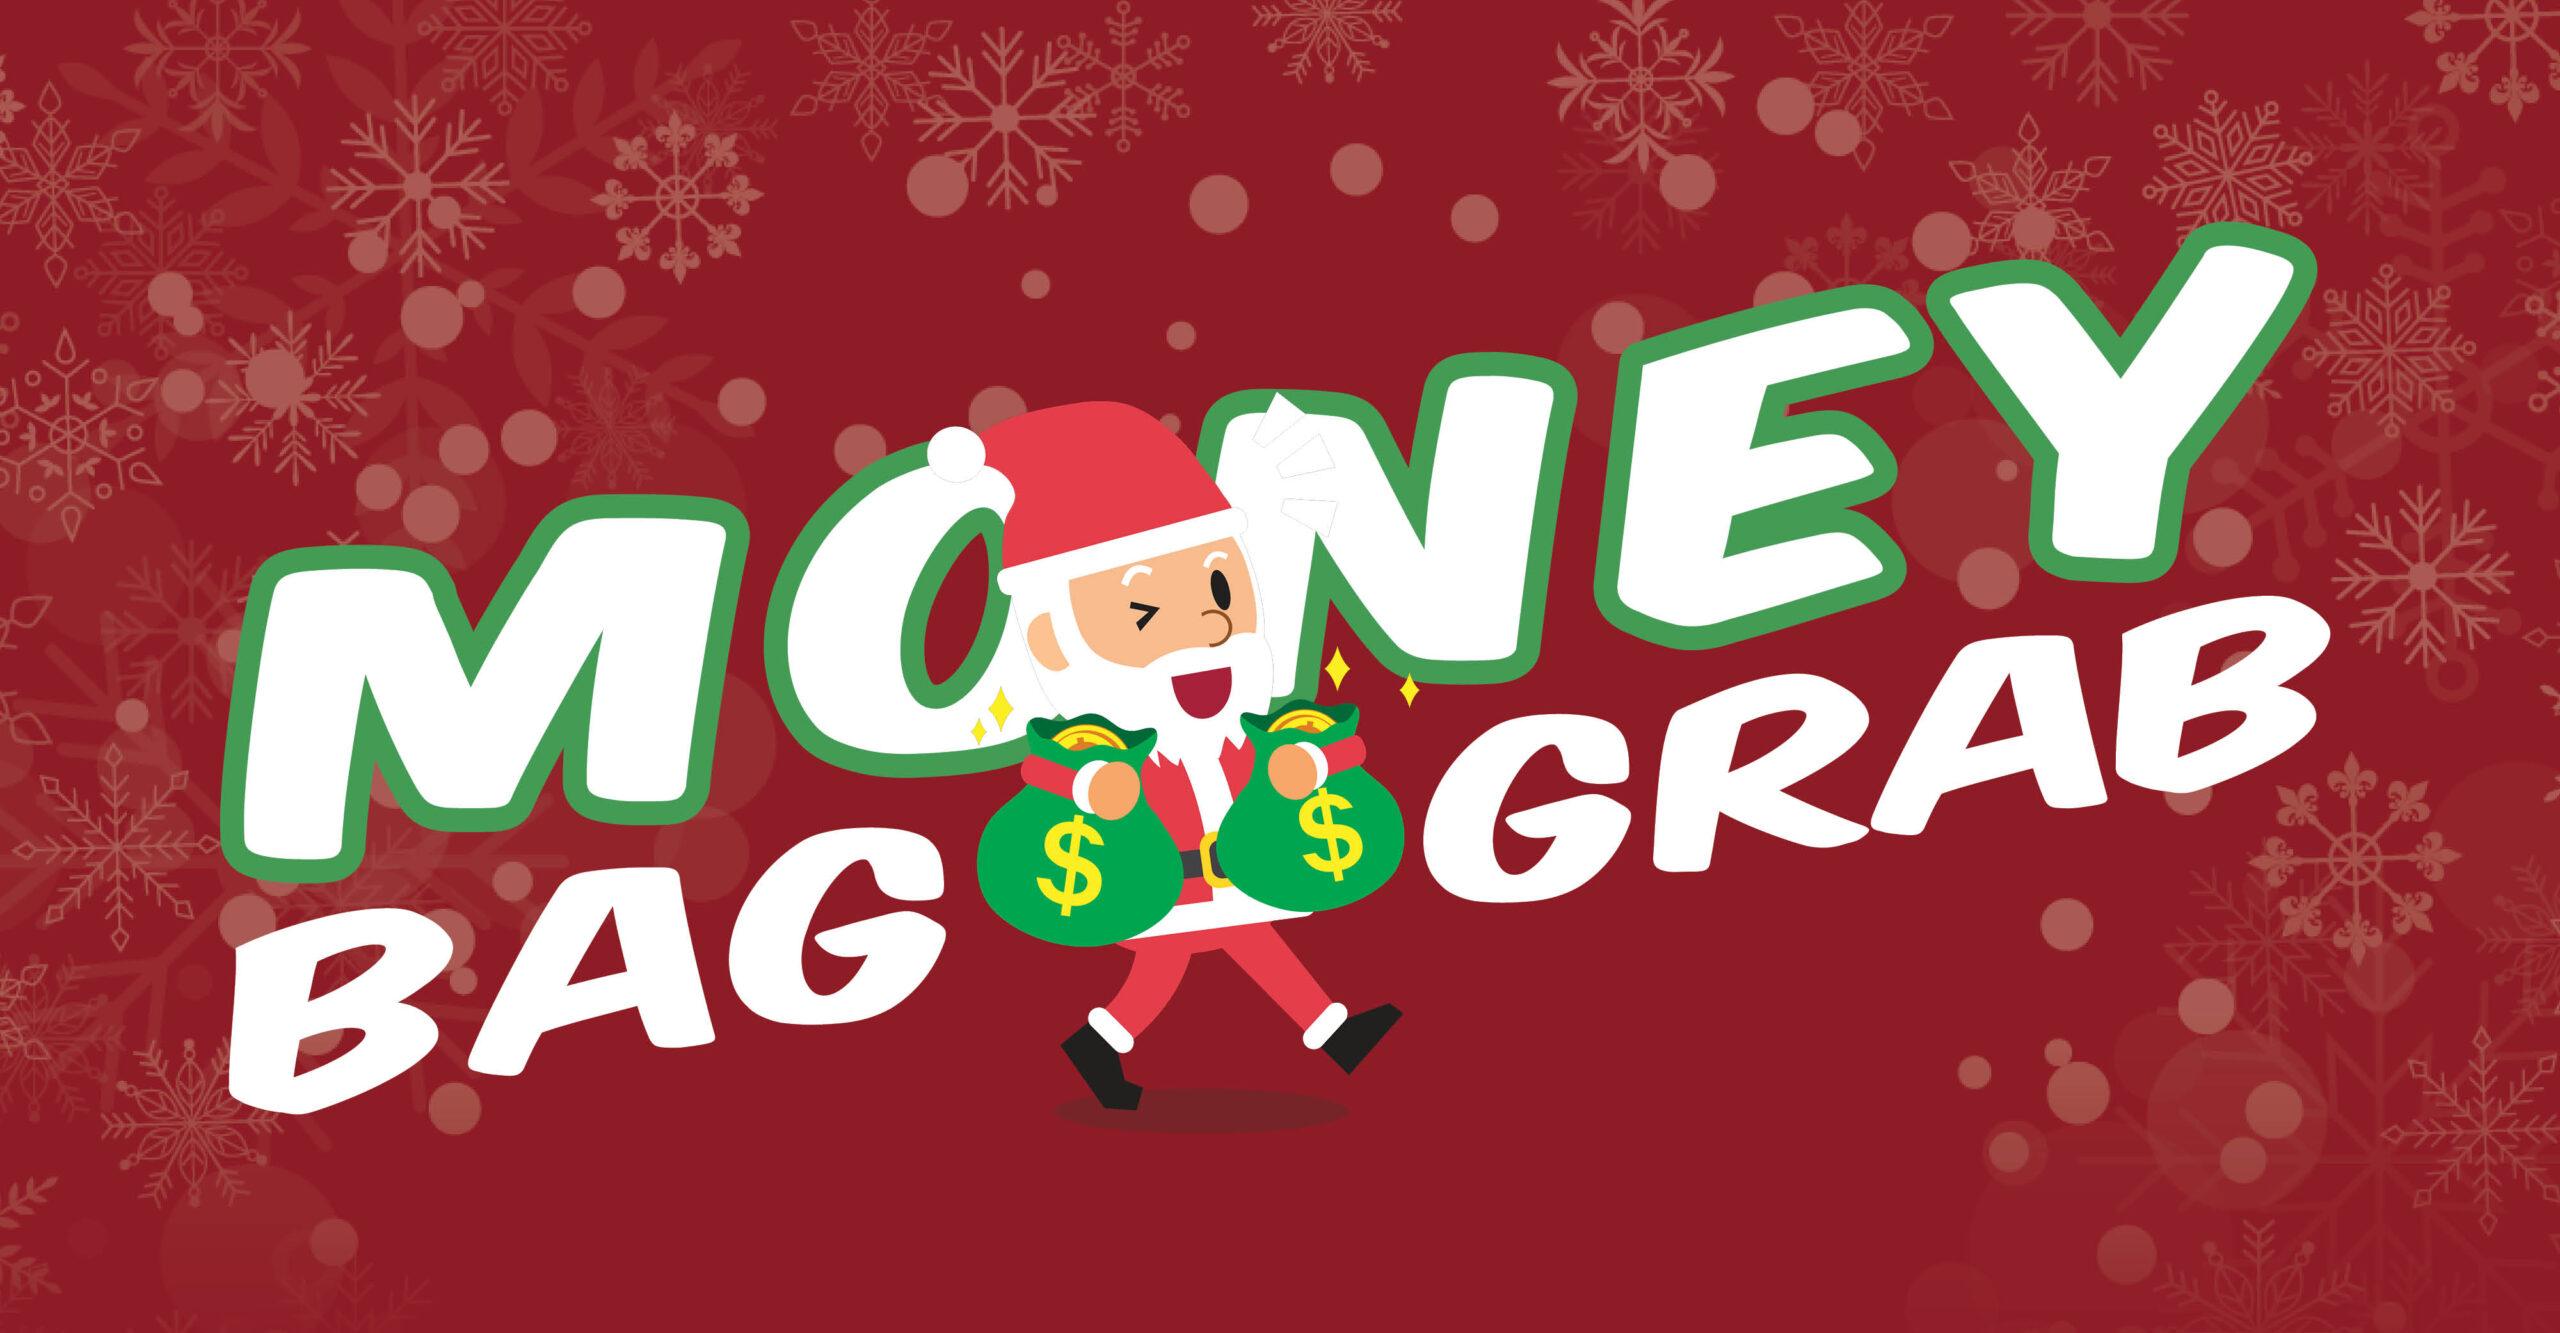 Money Bag Grab